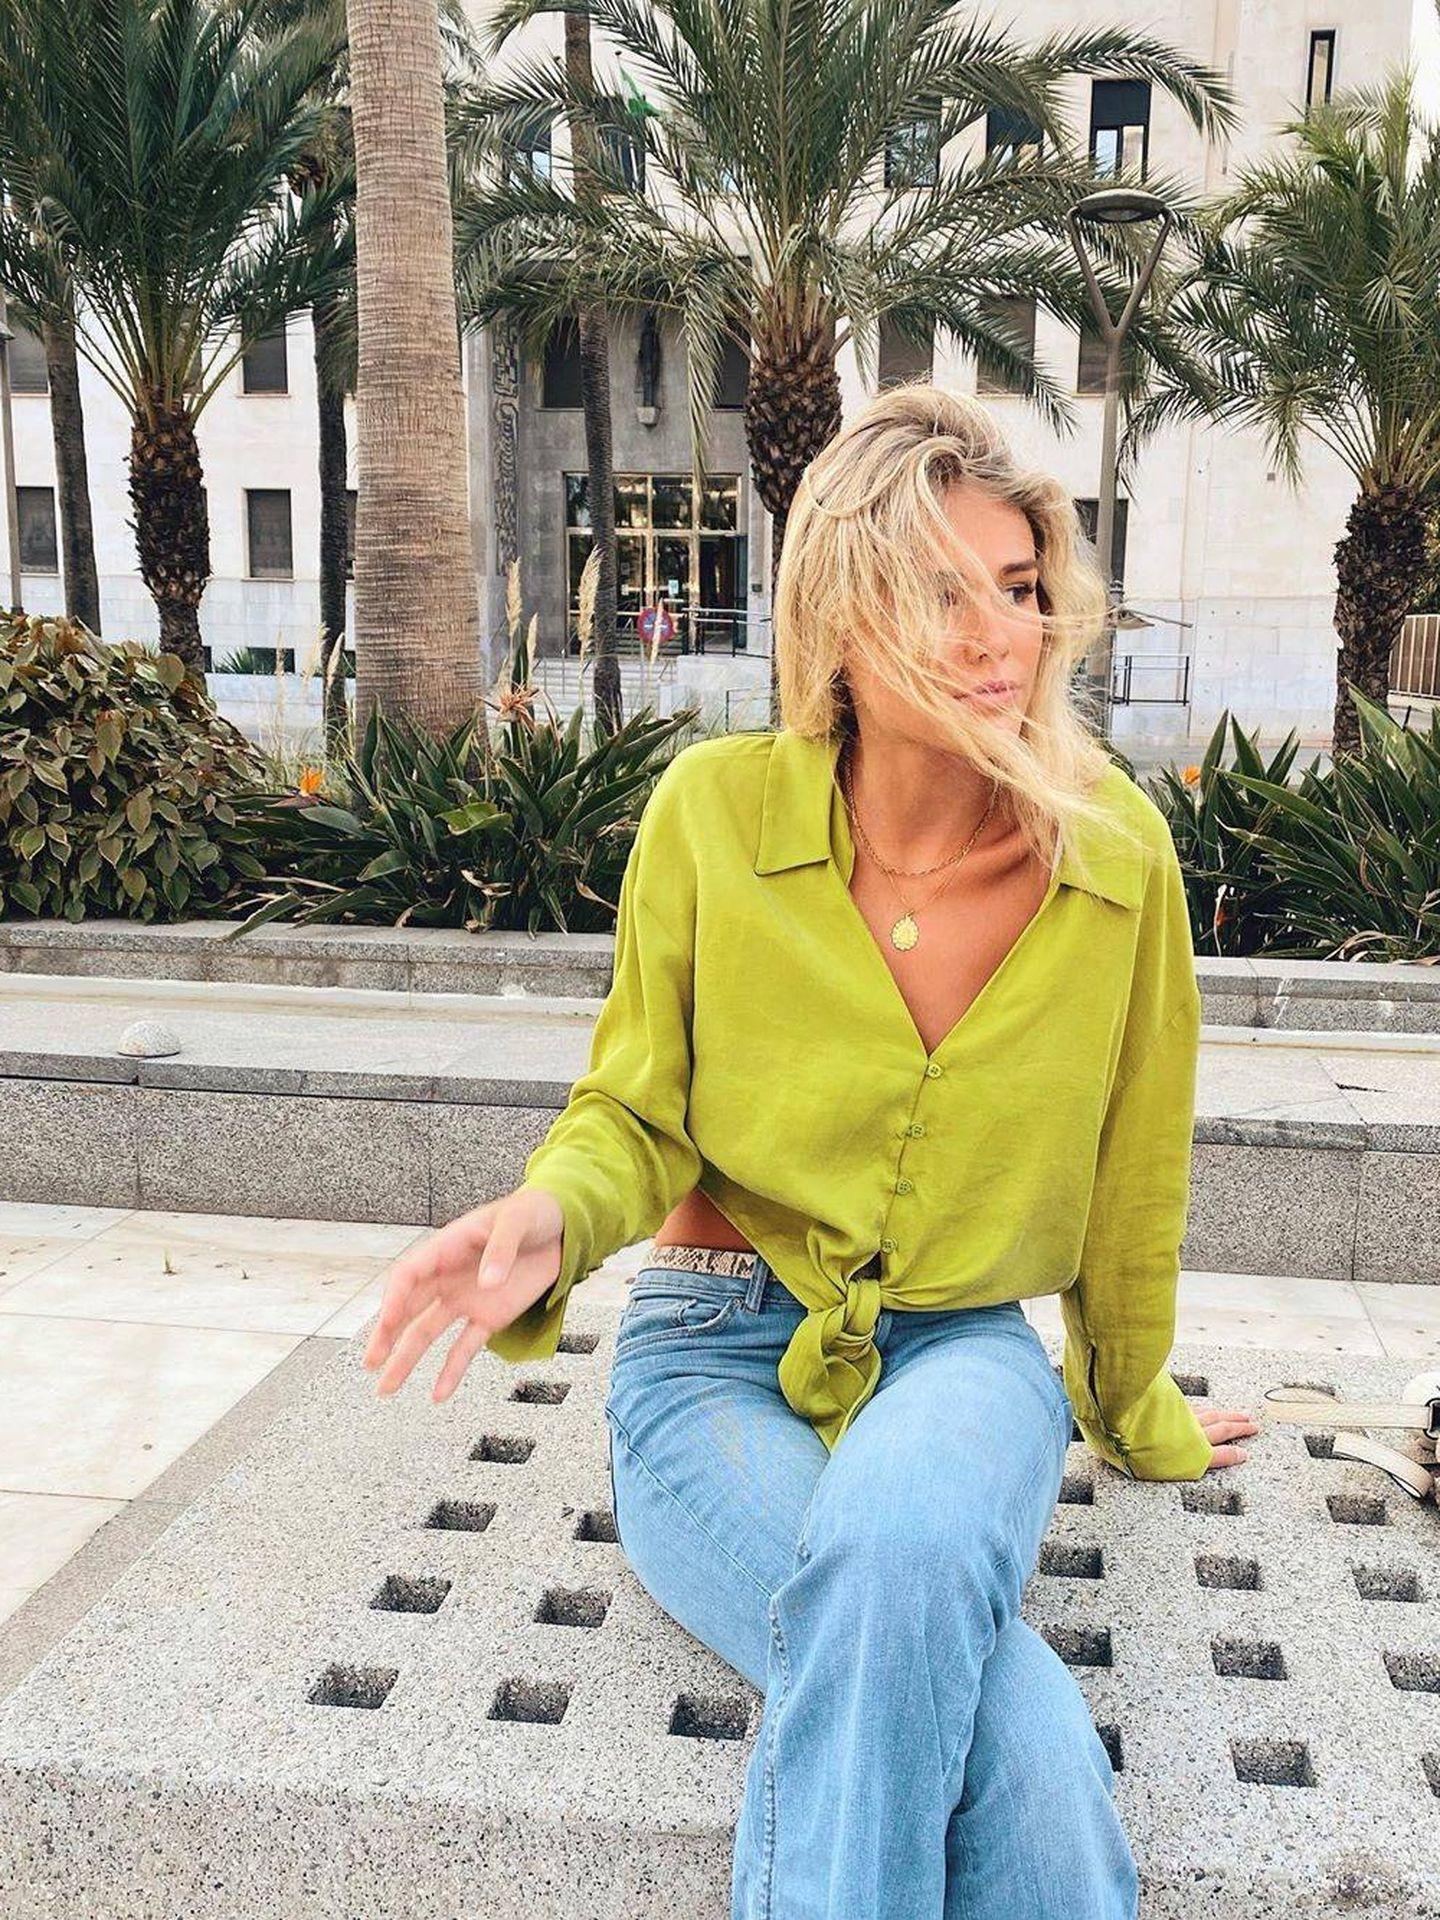 Ana Soria en sus redes sociales. (Instagram @anasoria.7)